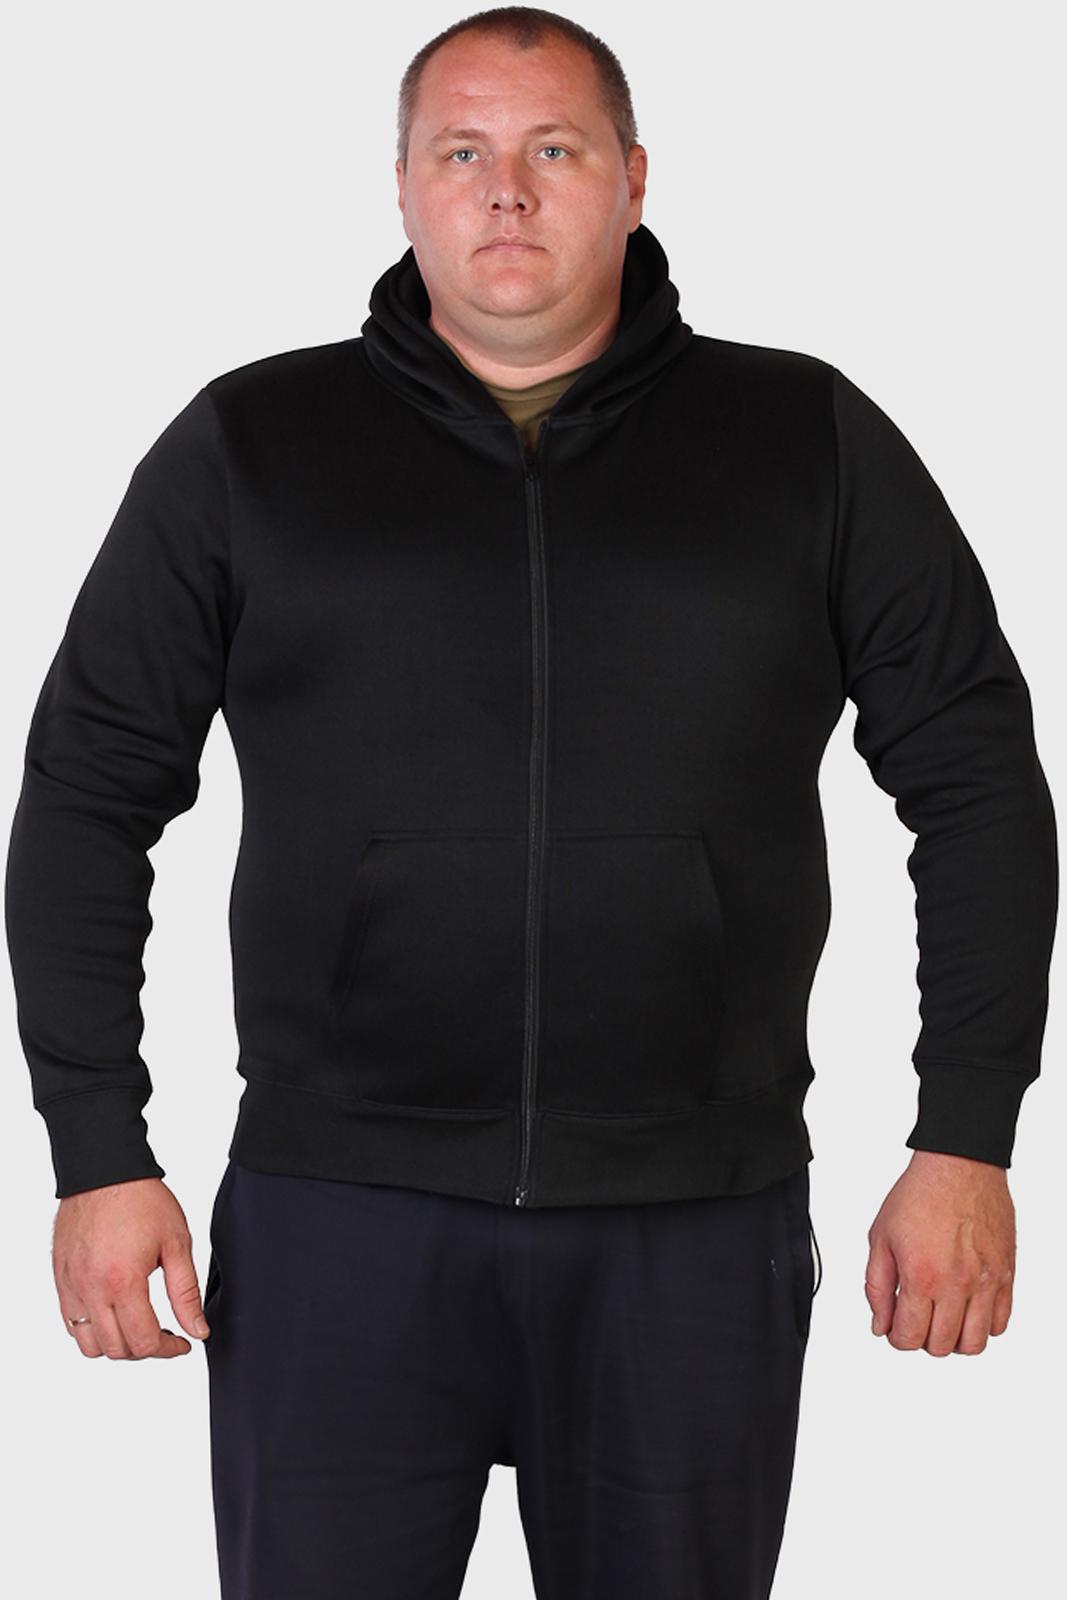 Недорогие мужские толстовки: однотонные и цветные модели